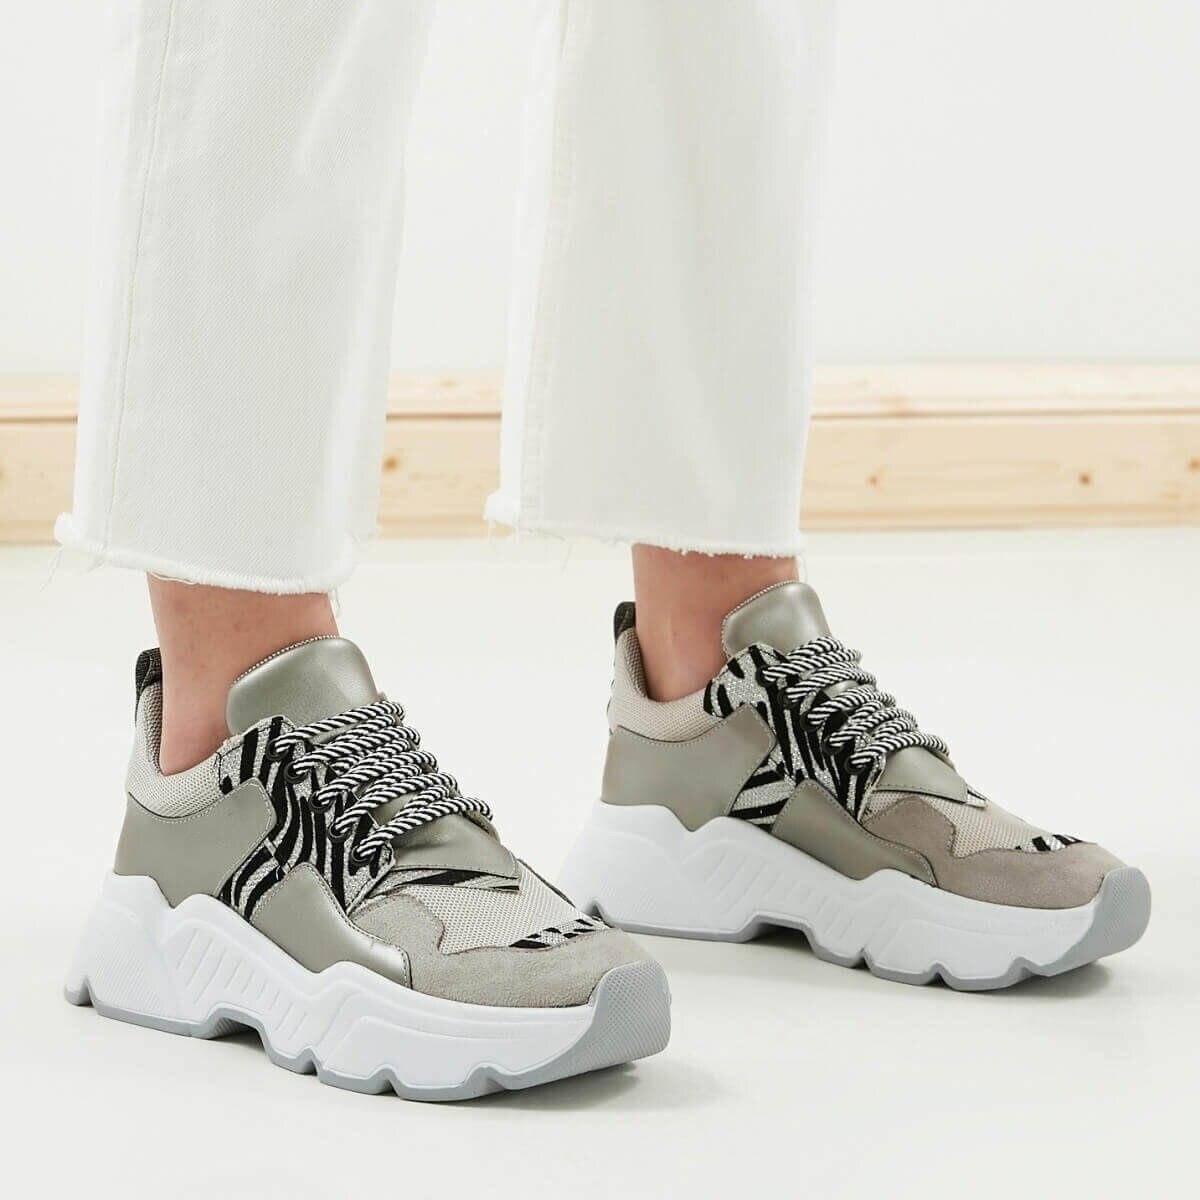 Mio Gusto-أحذية رياضية مريحة للنساء ، أحذية غير رسمية ، لون رمادي معدني ، جودة عالية